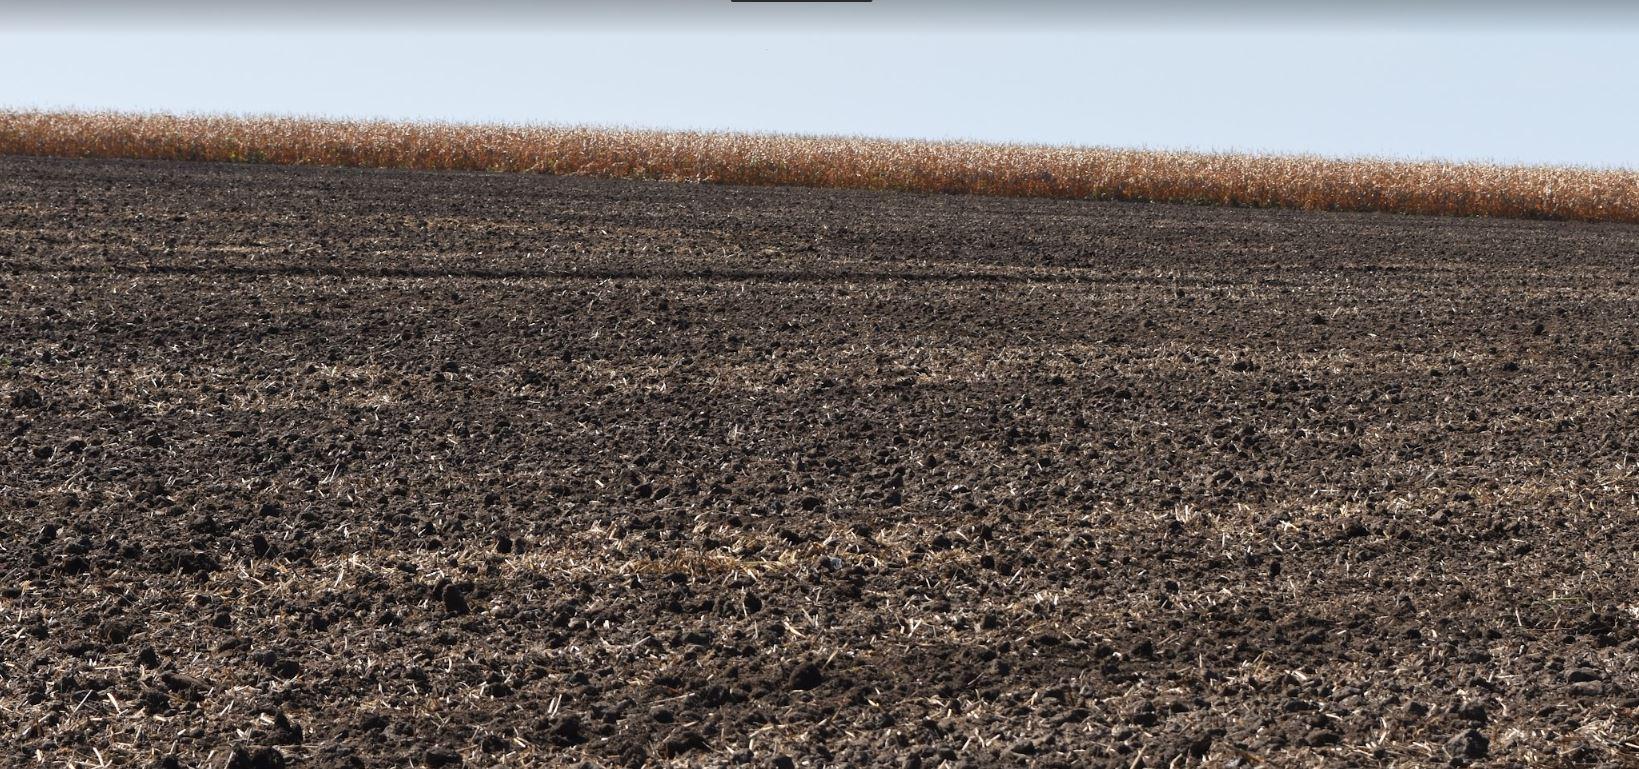 Valoarea producţiei în agricultură a scăzut anul trecut cu 15,4%, până 81,4 miliarde de lei în preţuri curente. Stiri agricole